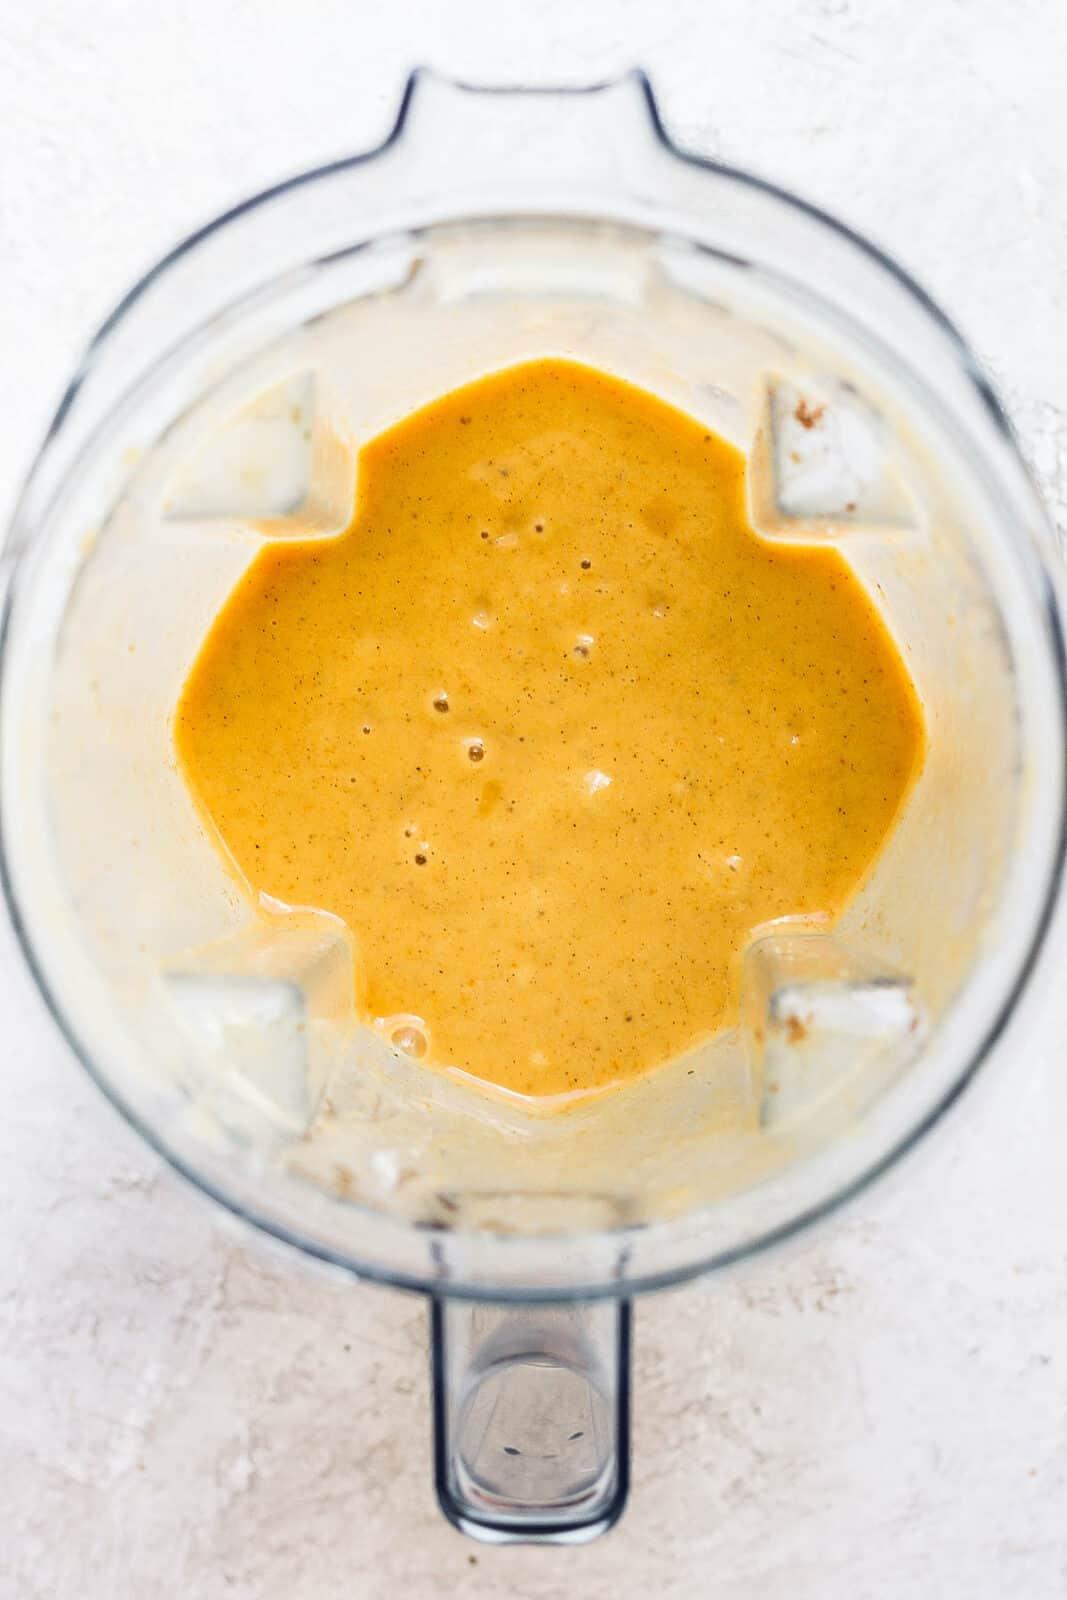 Pumpkin smoothie blended in a blender.